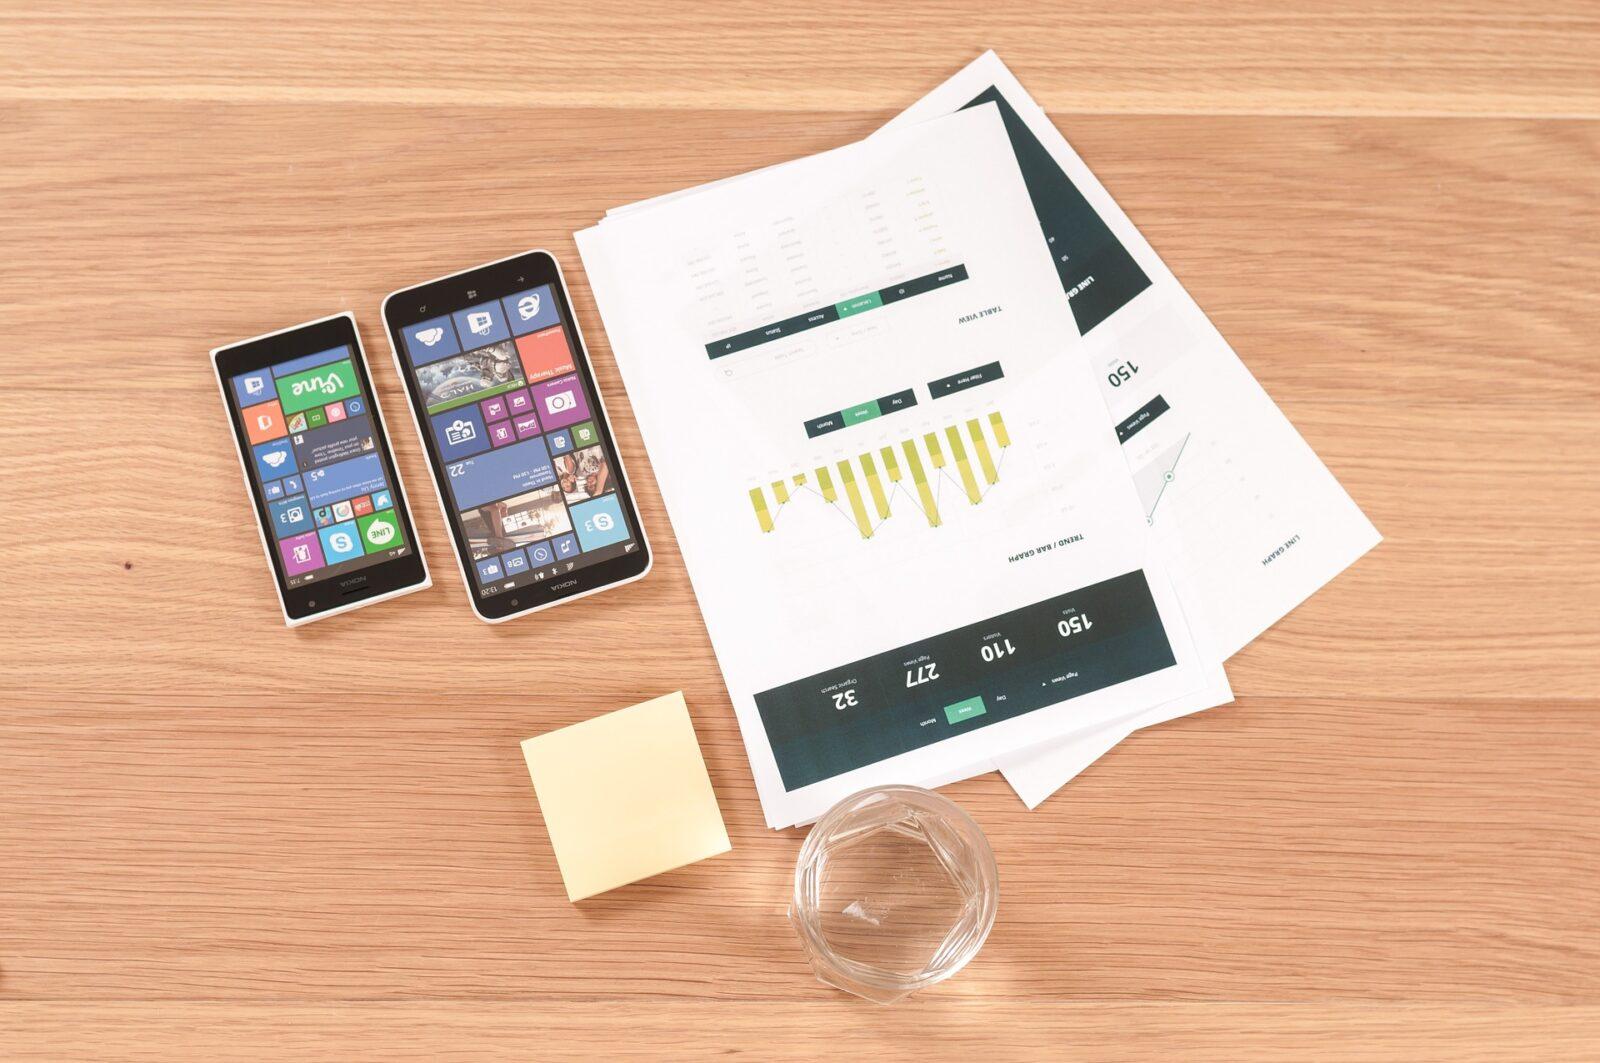 Innobonos 2020 💻 ¿Preparad@ para dar el salto a lo digital y desarrollar tu app o web?